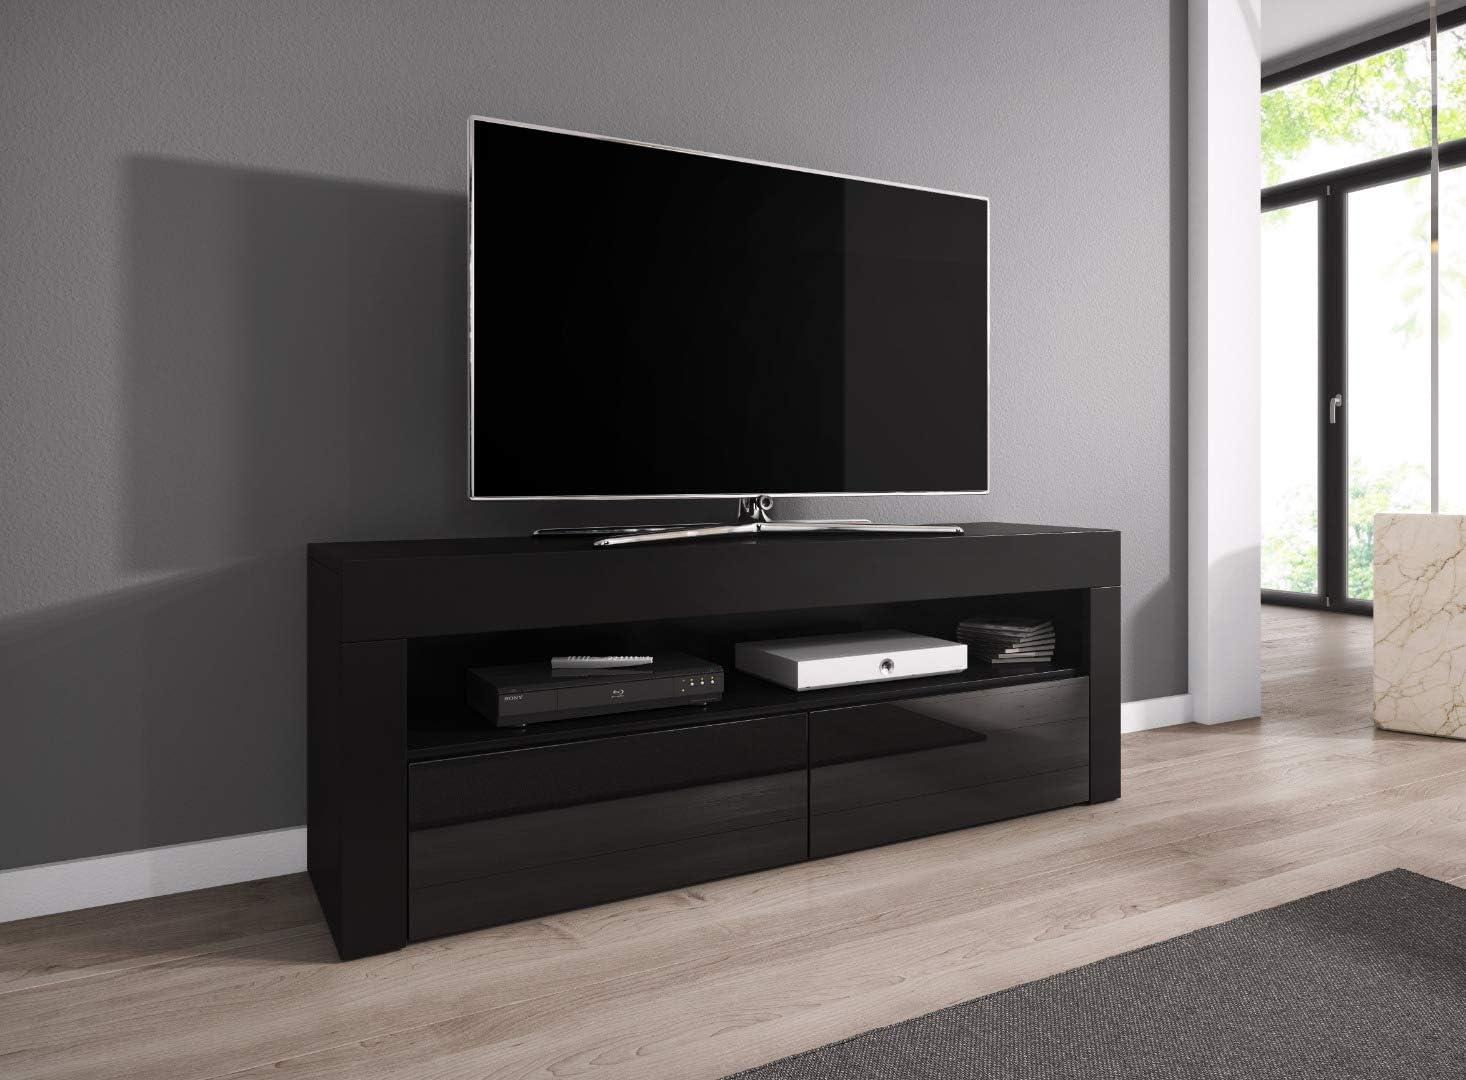 E Com Tv Schrank Tv Mobel Tv Mobel Entertainment Lowboard Luna 140